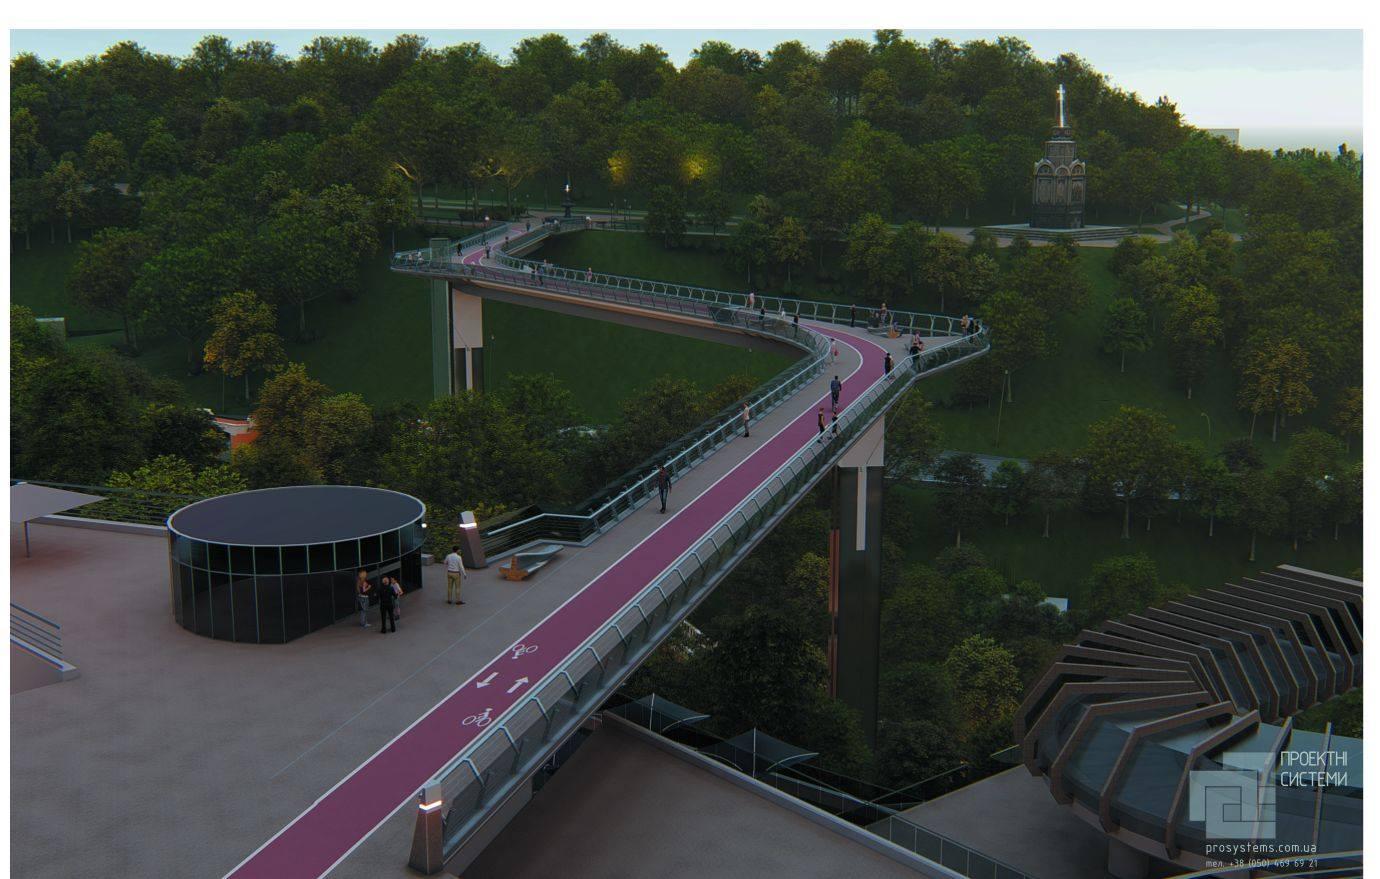 между парками «Крещатый» и «Владимирская горка» появится пешеходный мост